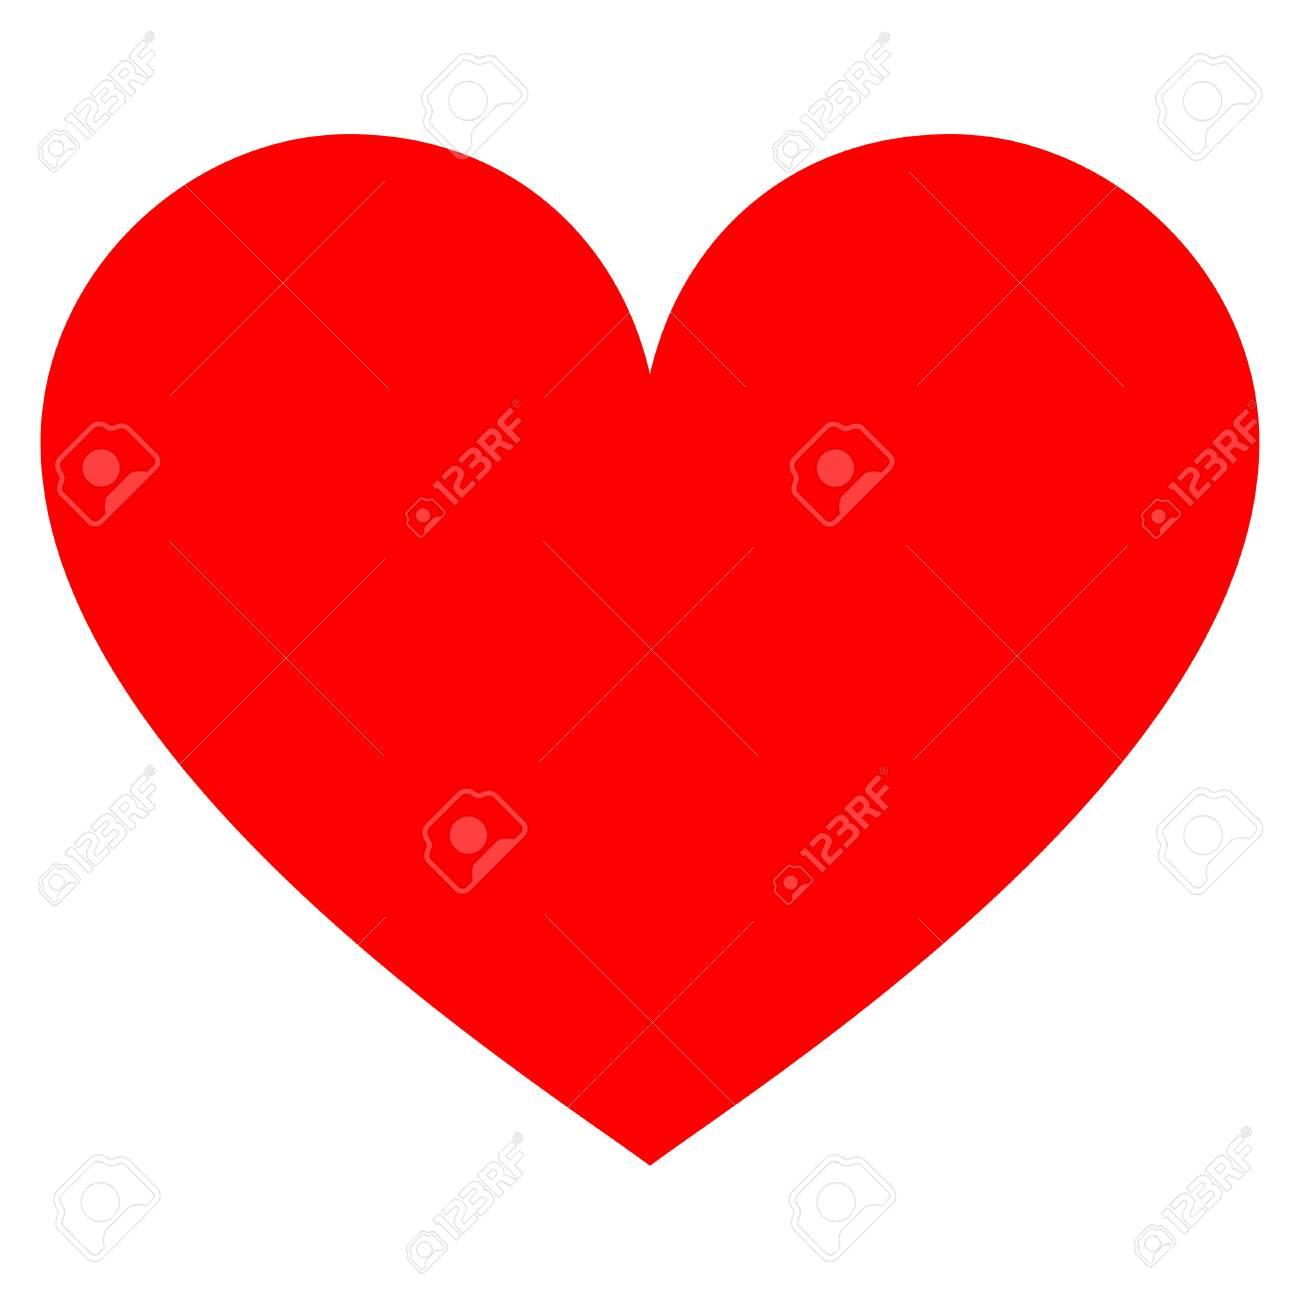 Icono De Amor Corazón Raster Plano Un Icono Aislado En Un Fondo Blanco